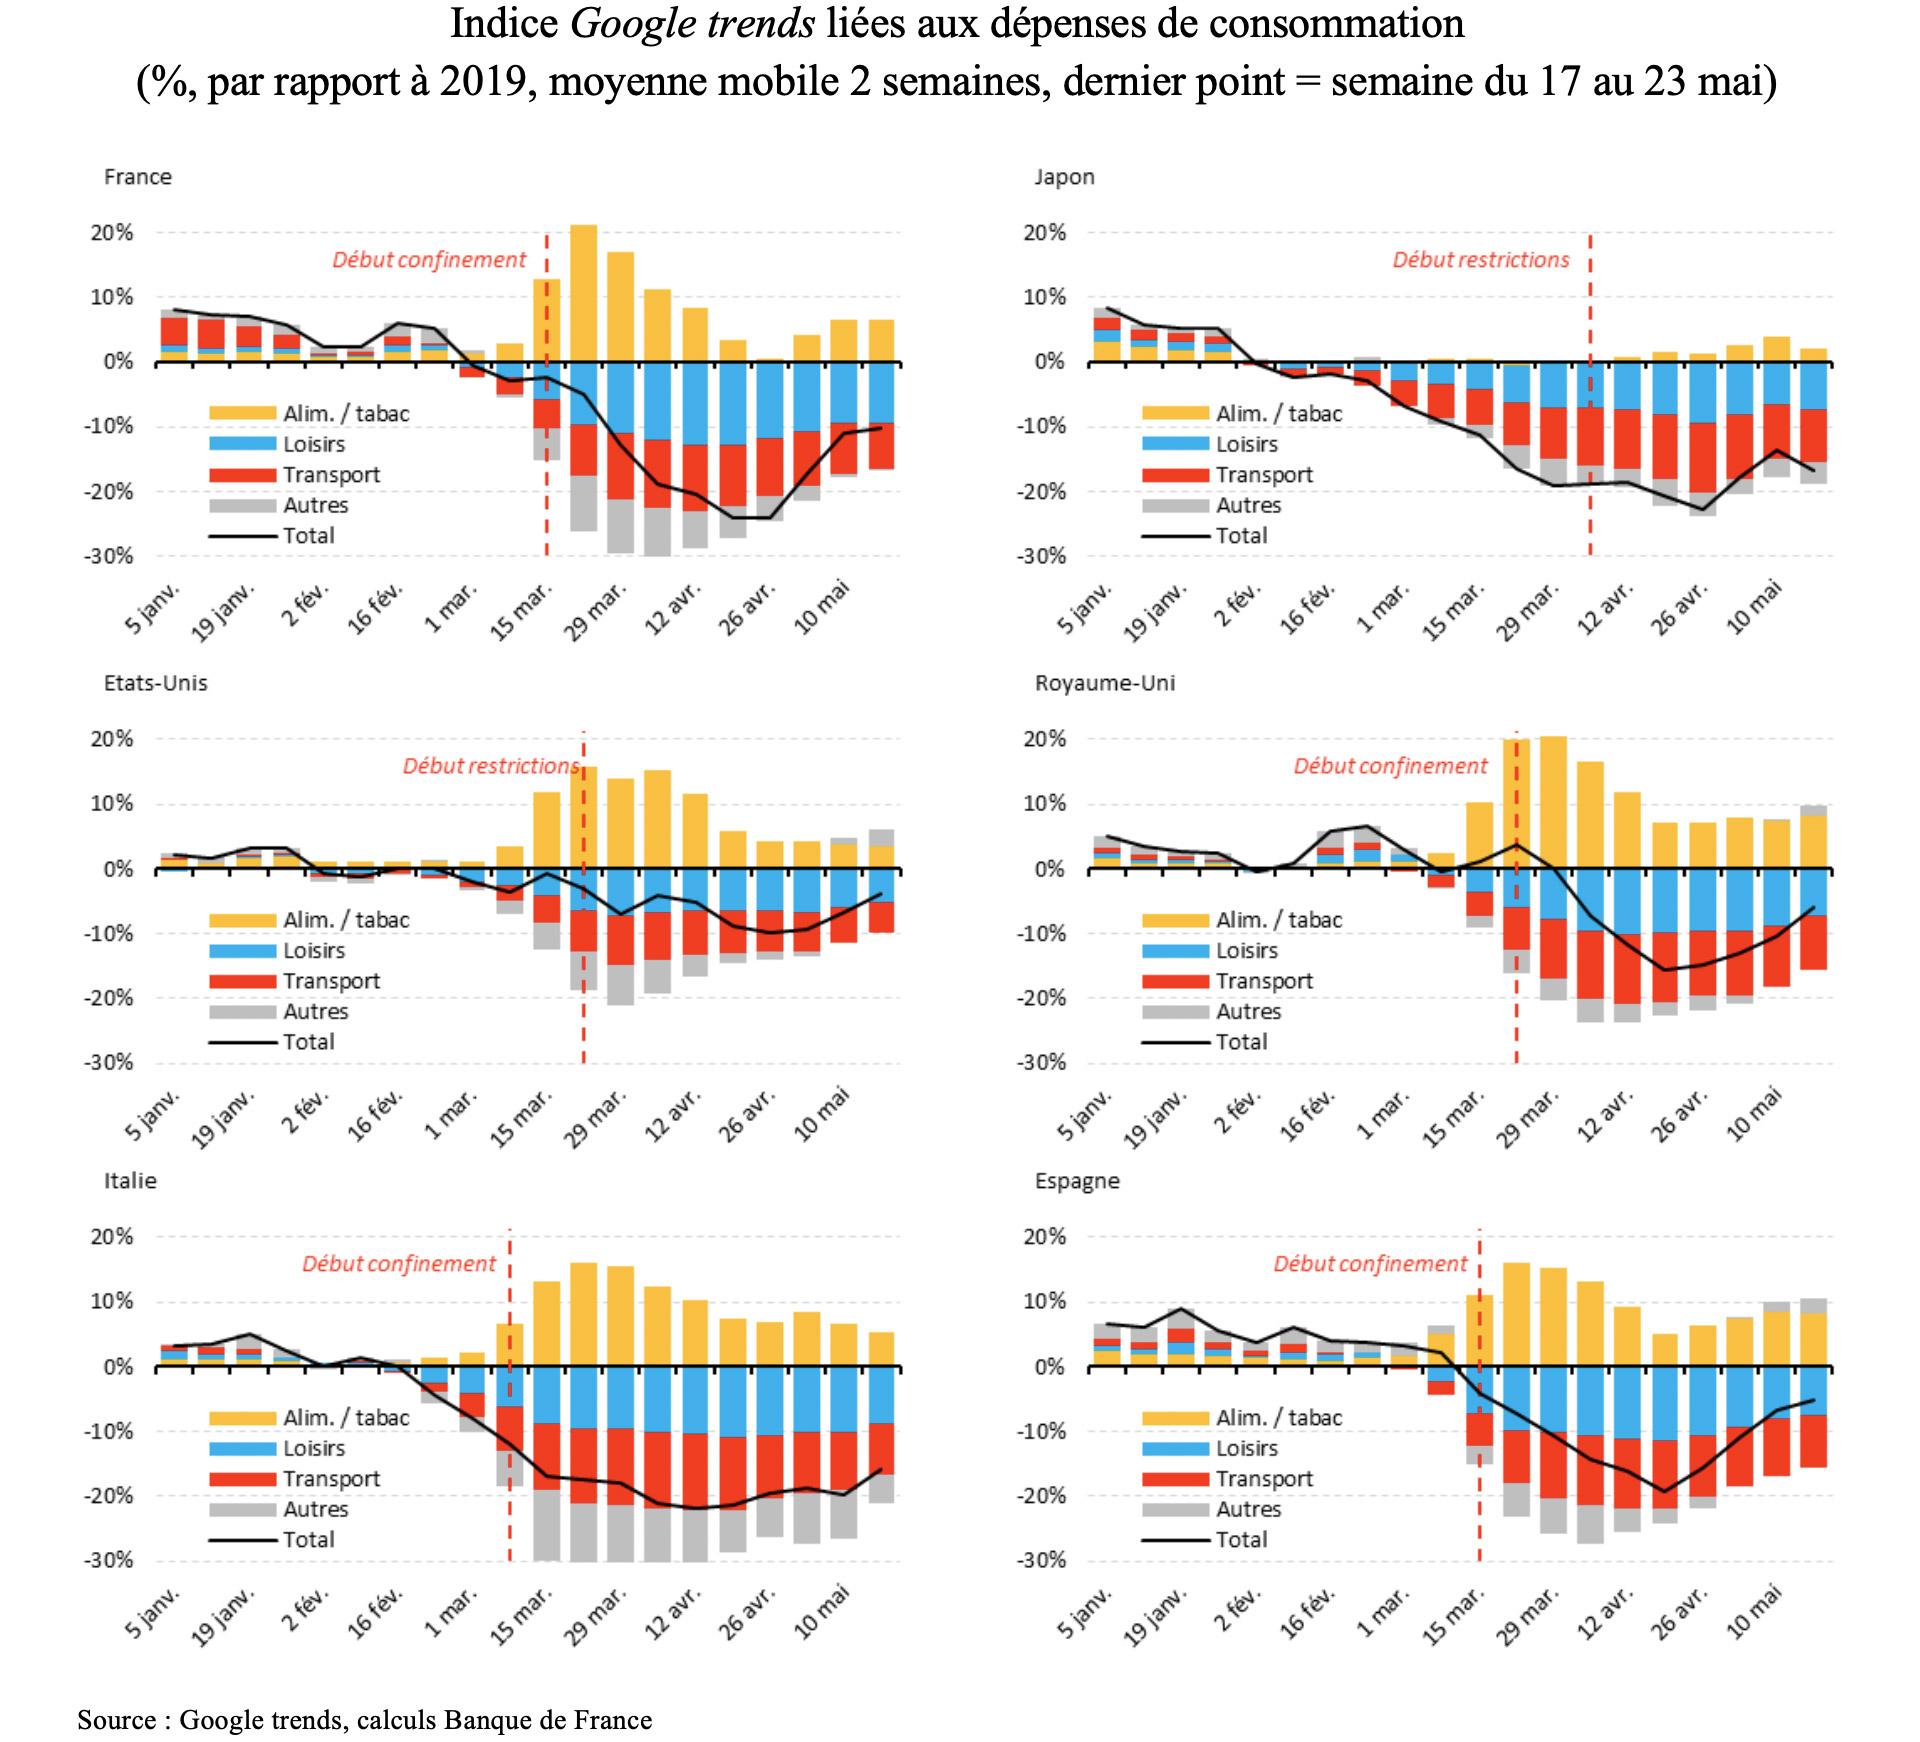 Quelle vision sur la consommation les données Google trends donnent-elles  dans le contexte de la crise du Covid-19 ? – Covid-19 et économie, les clés  pour comprendre – Banque de France